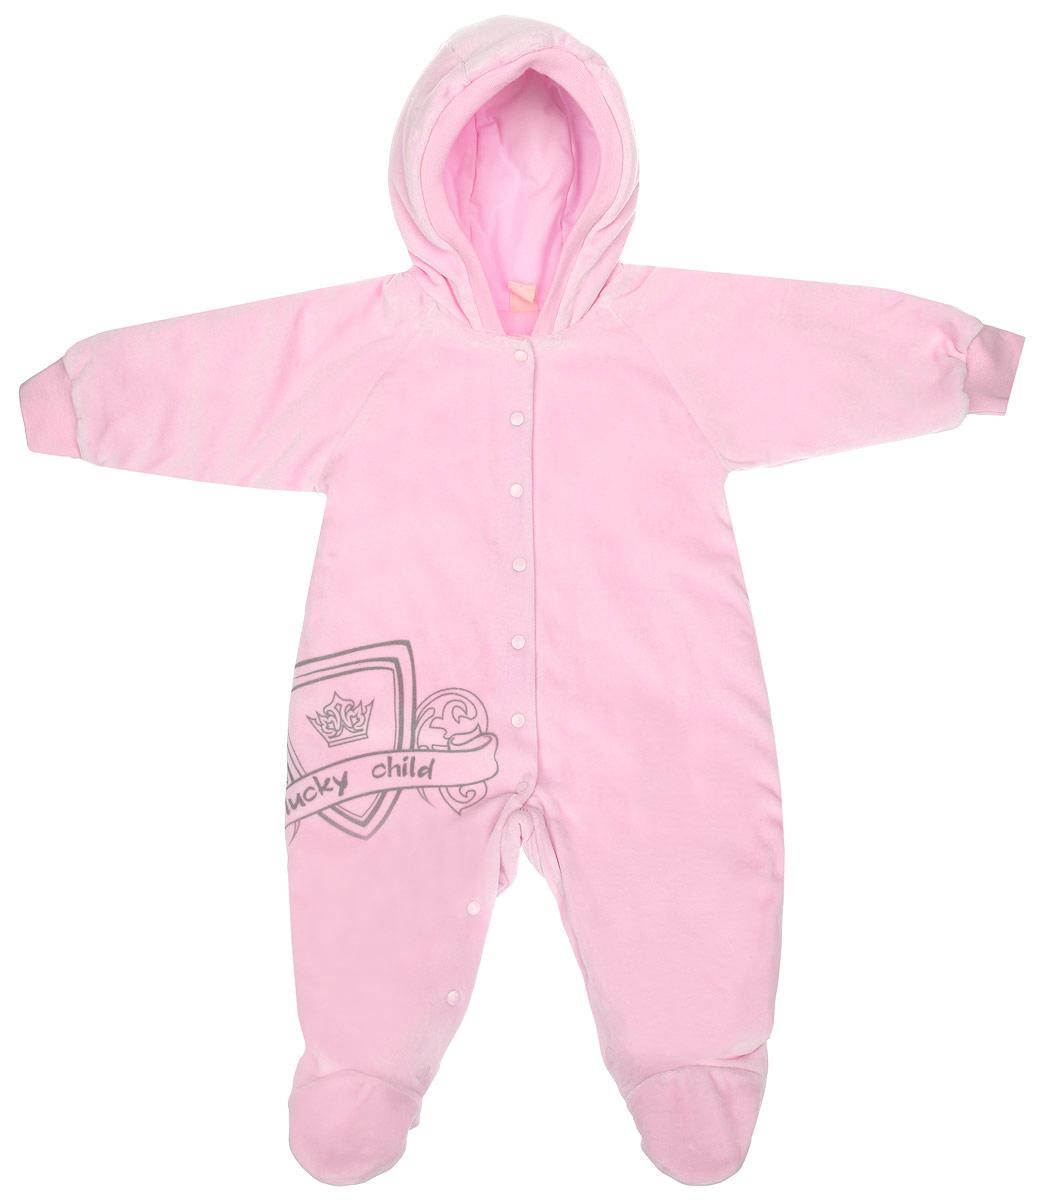 Комбинезон детский Lucky Child, цвет: светло-розовый. 5-1. Размер 62/685-1Детский комбинезон Lucky Child - очень удобный и практичный вид одежды для малышей. Комбинезон выполнен из велюра на подкладке из натурального хлопка, благодаря чему он необычайно мягкий и приятный на ощупь, не раздражают нежную кожу ребенка и хорошо вентилируются, а эластичные швы приятны телу младенца и не препятствуют его движениям. В качестве утеплителя используется синтепон. Комбинезон с капюшоном, длинными рукавами-реглан и закрытыми ножками по центру застегивается на металлические застежки-кнопки, также имеются застежки-кнопки на ластовице, что помогает с легкостью переодеть младенца или сменить подгузник. Капюшон по краю дополнен широкой трикотажной резинкой. Рукава понизу дополнены широкими эластичными манжетами, которые мягко обхватывают запястья. Спереди изделие оформлено оригинальным принтом в виде логотипа бренда. С детским комбинезоном Lucky Child спинка и ножки вашего малыша всегда будут в тепле. Комбинезон полностью соответствует особенностям жизни младенца в ранний период, не стесняя и не ограничивая его в движениях!